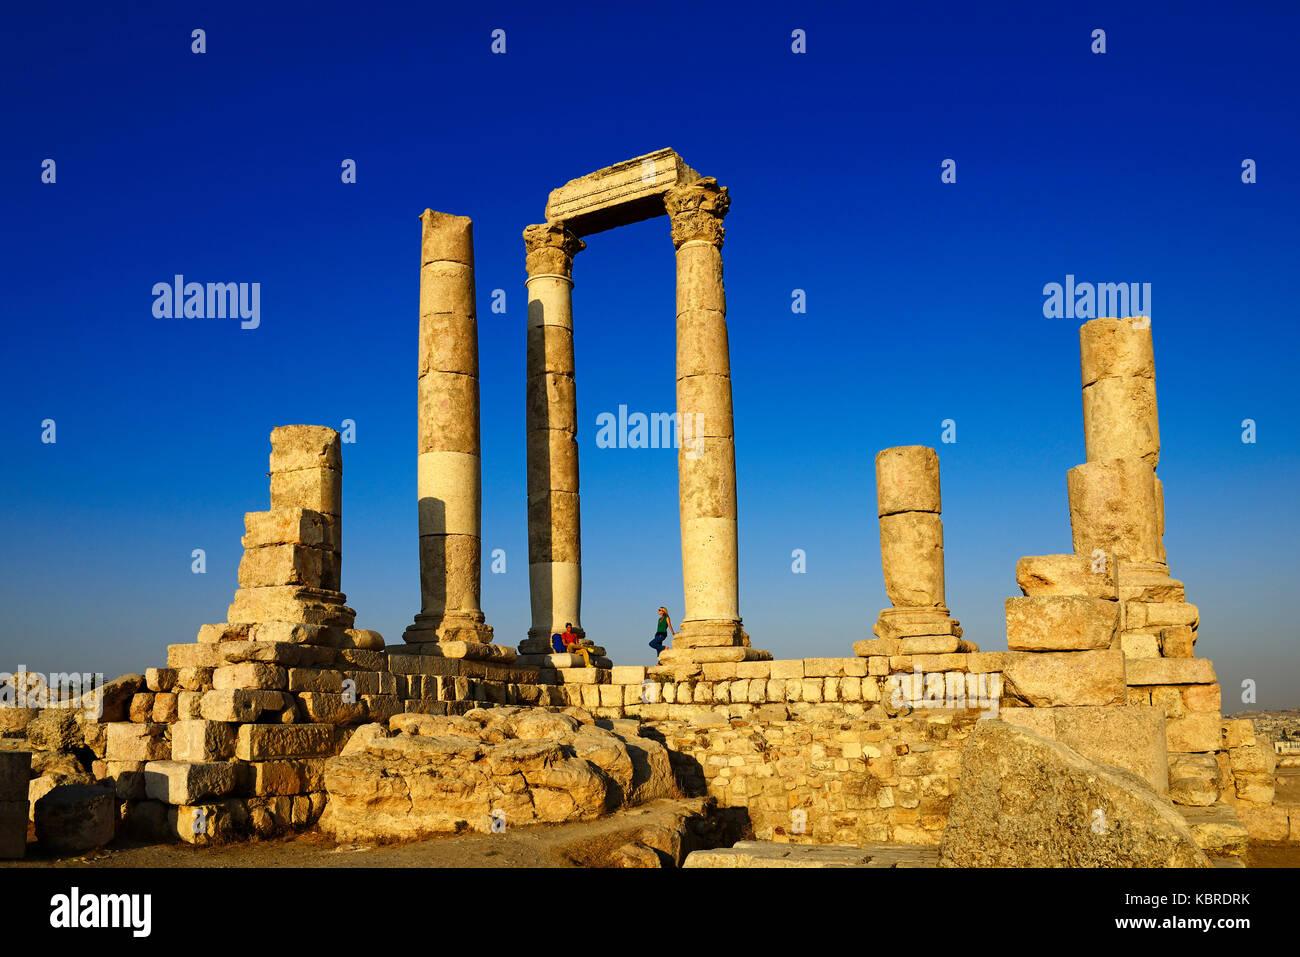 Tempio di Ercole a Cittadella, antico romano philadelphia, Amman, Giordania Immagini Stock